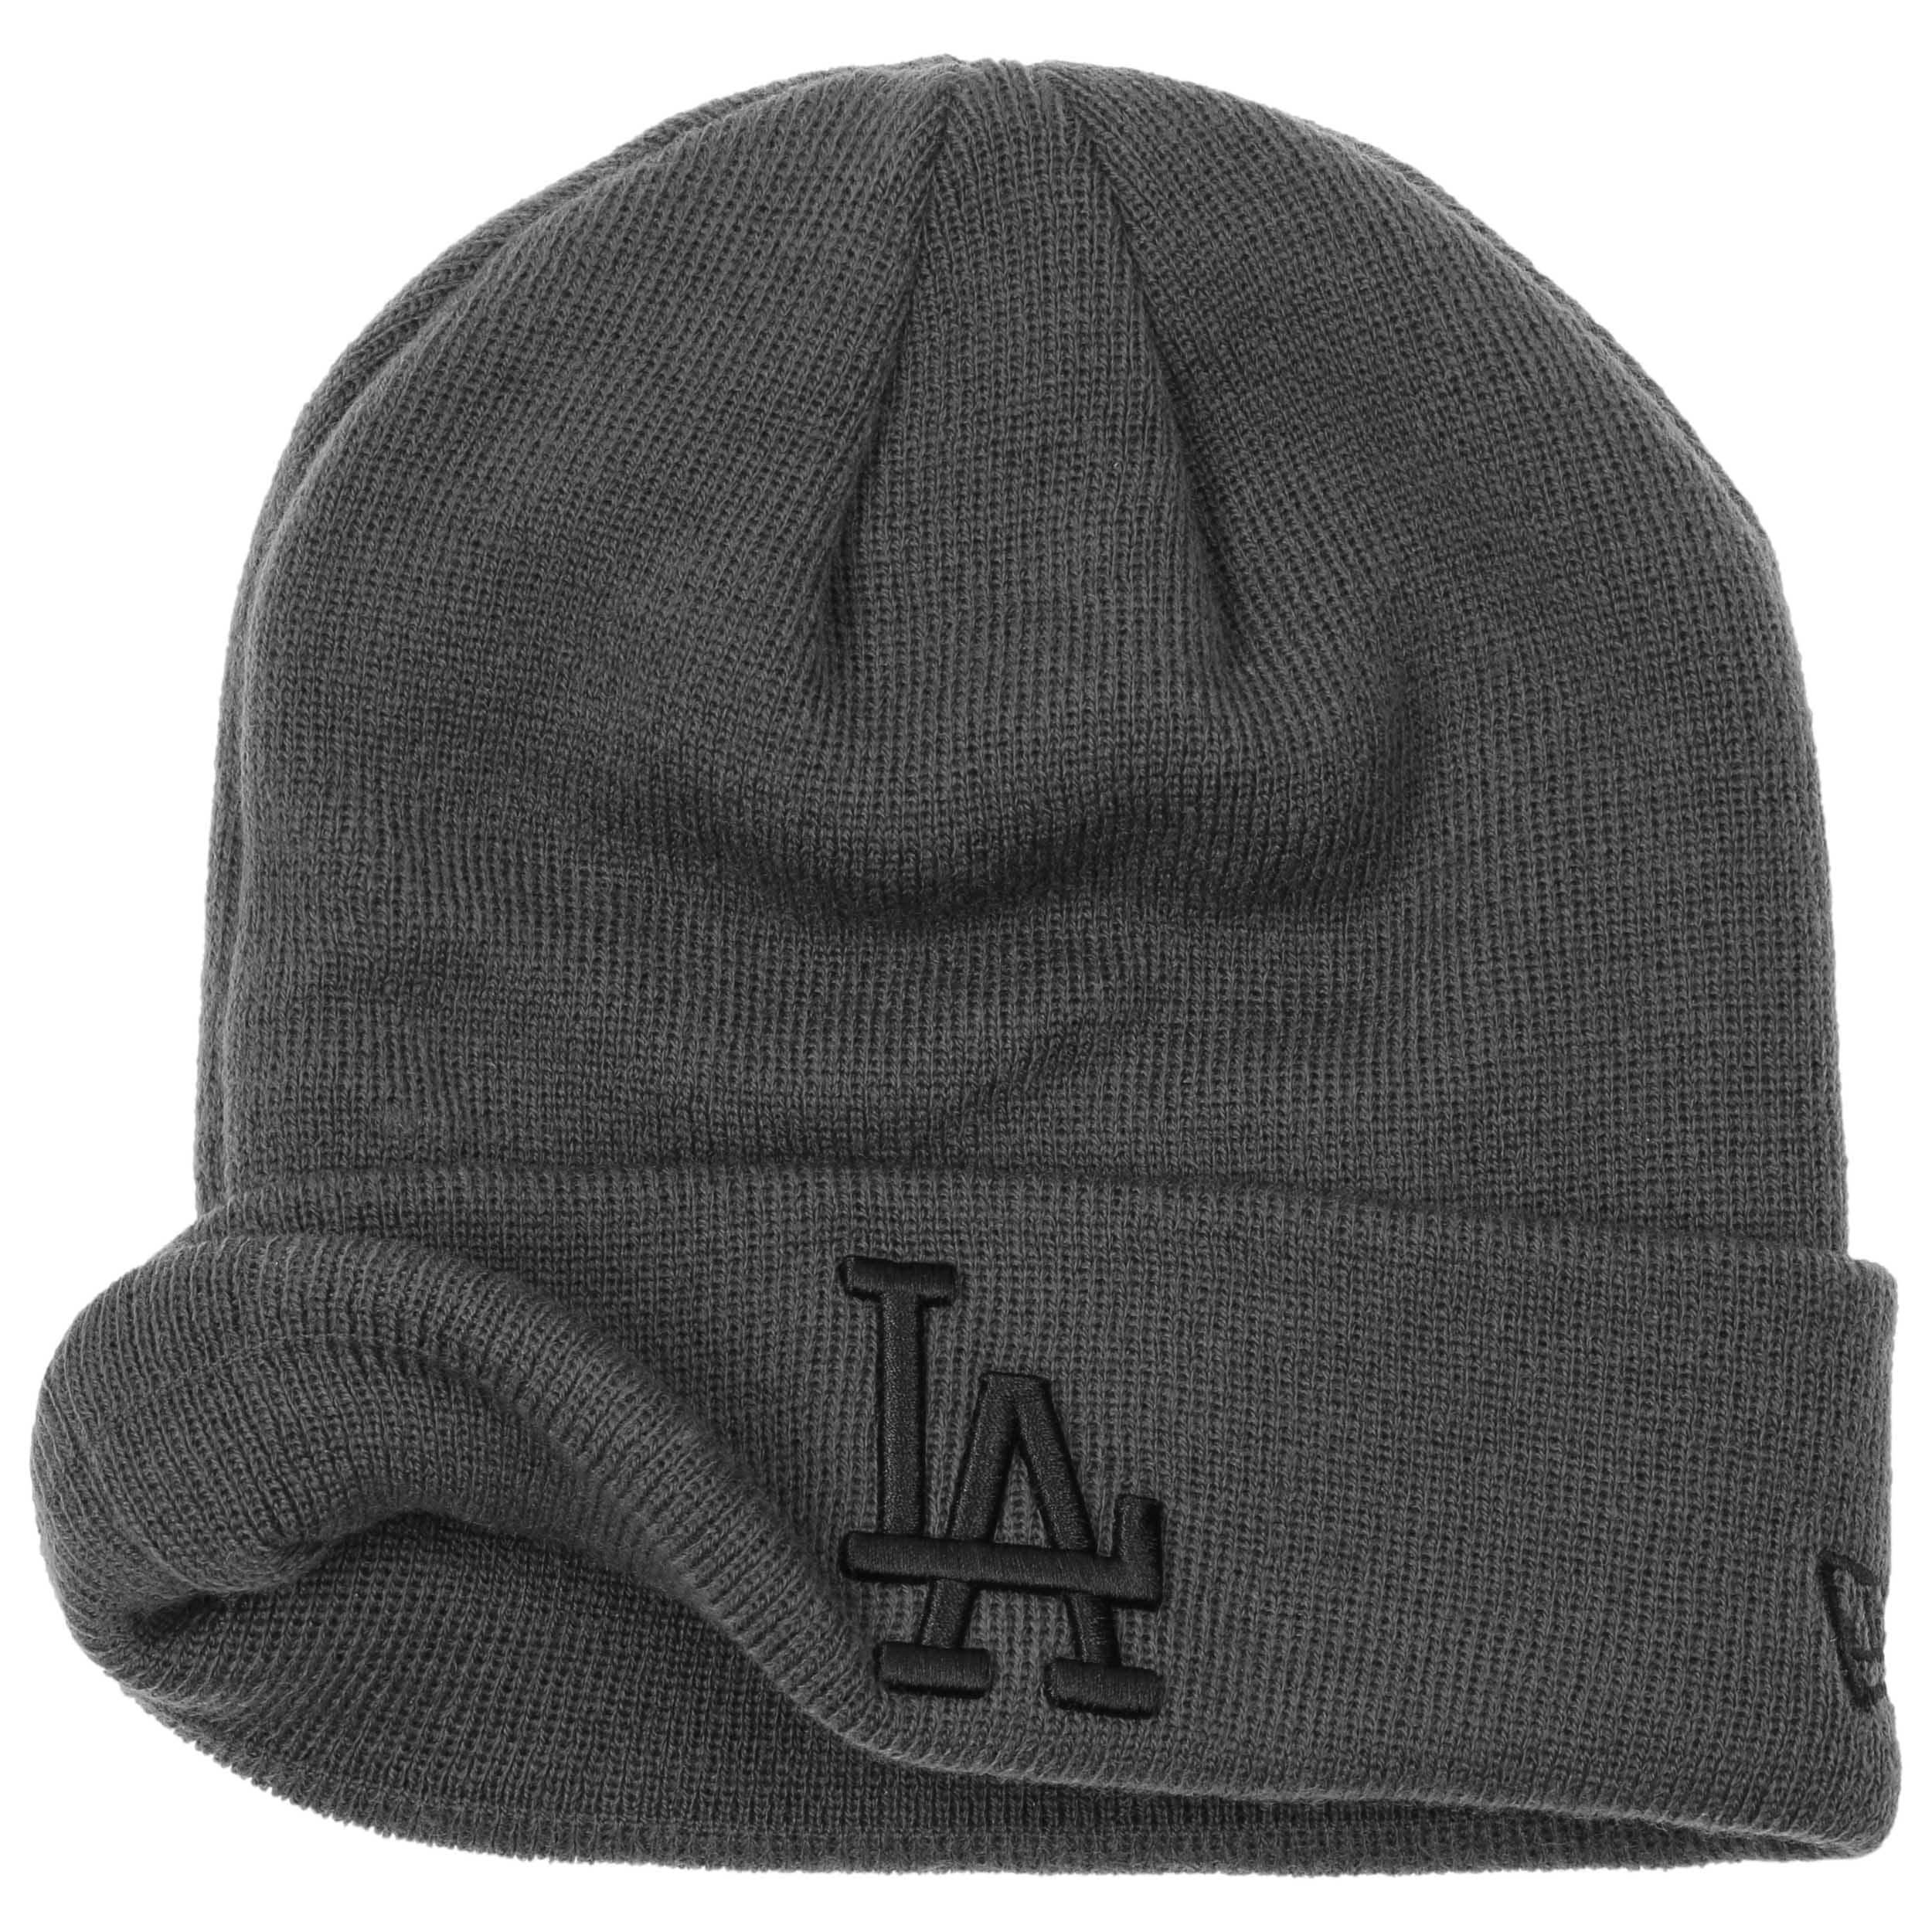 f34a8956bb001 Gorro Beanie League Ess Cuff Dodgers by New Era - Gorros ...